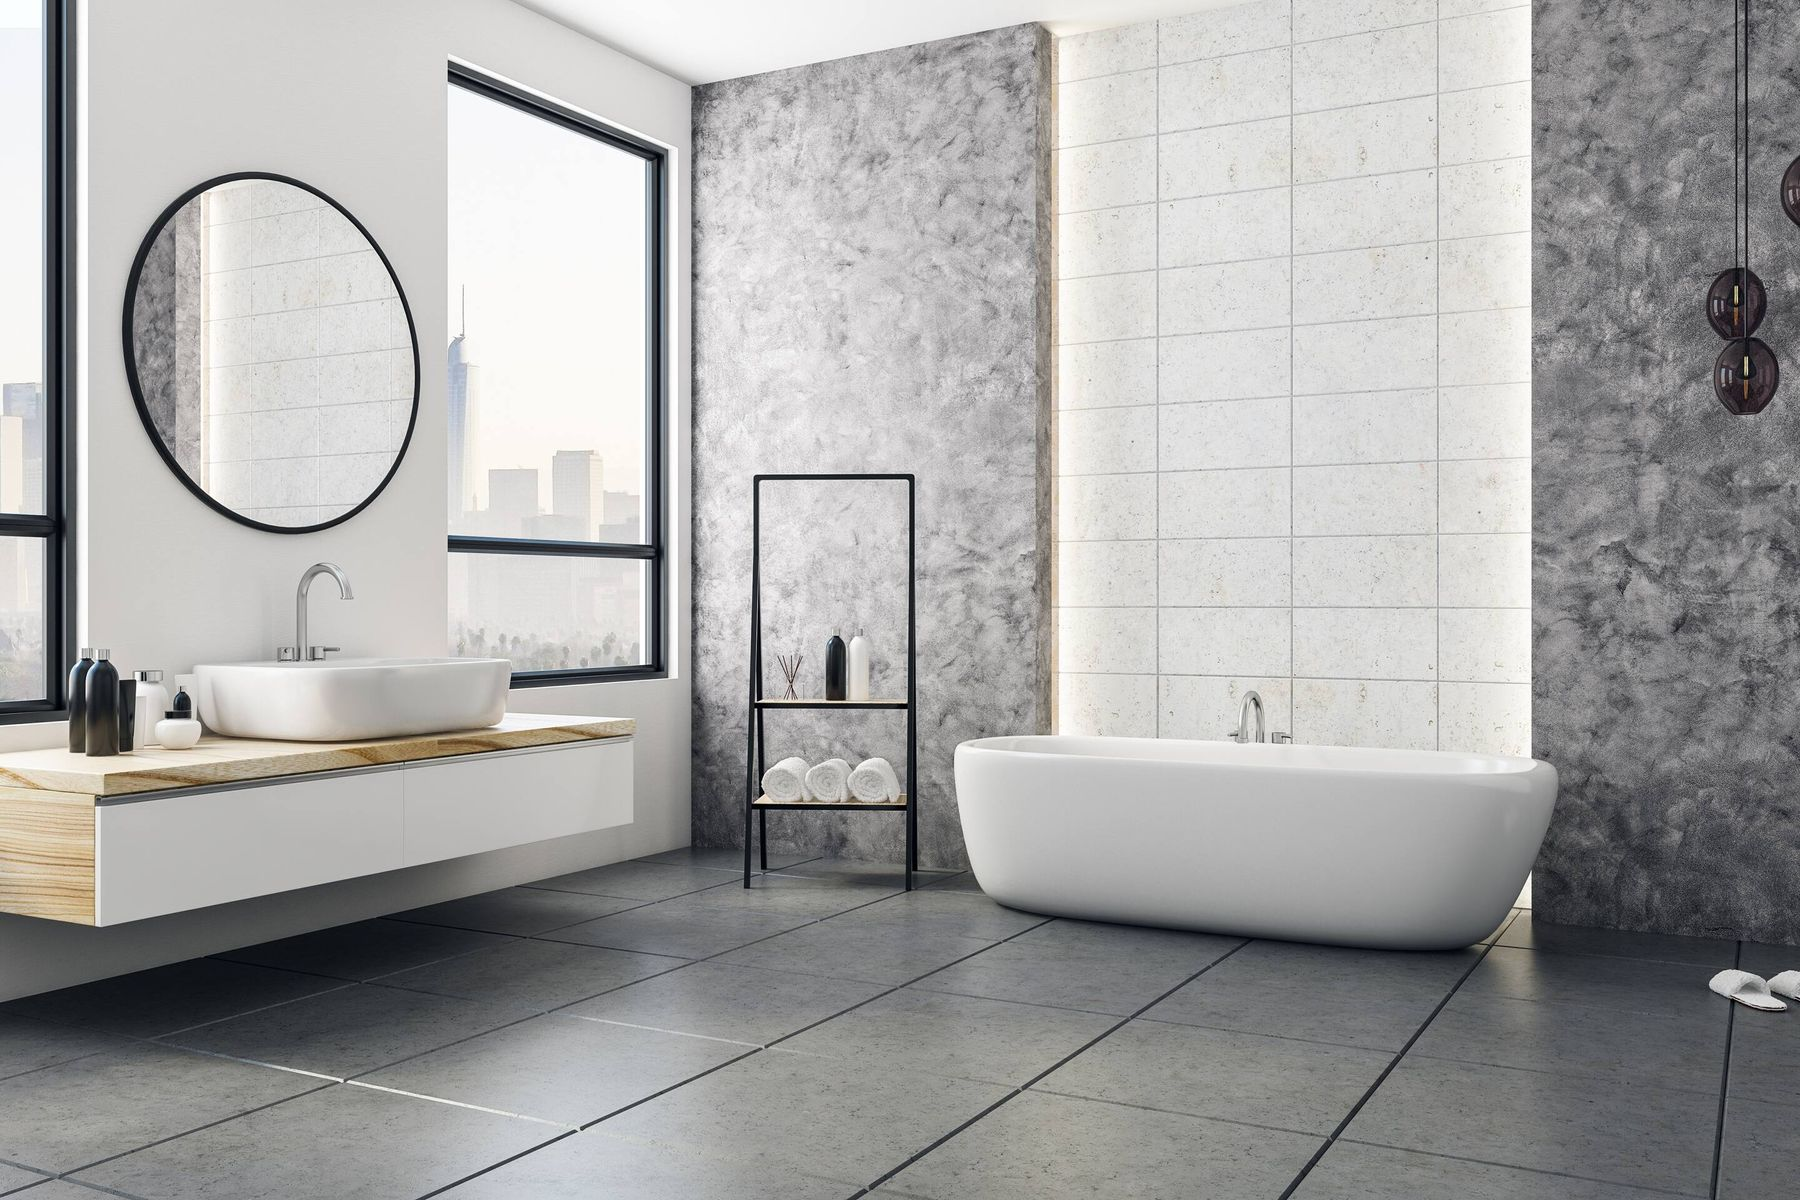 Ổ vi khuẩn trong nhà tắm hình thành do những nguyên nhân sau